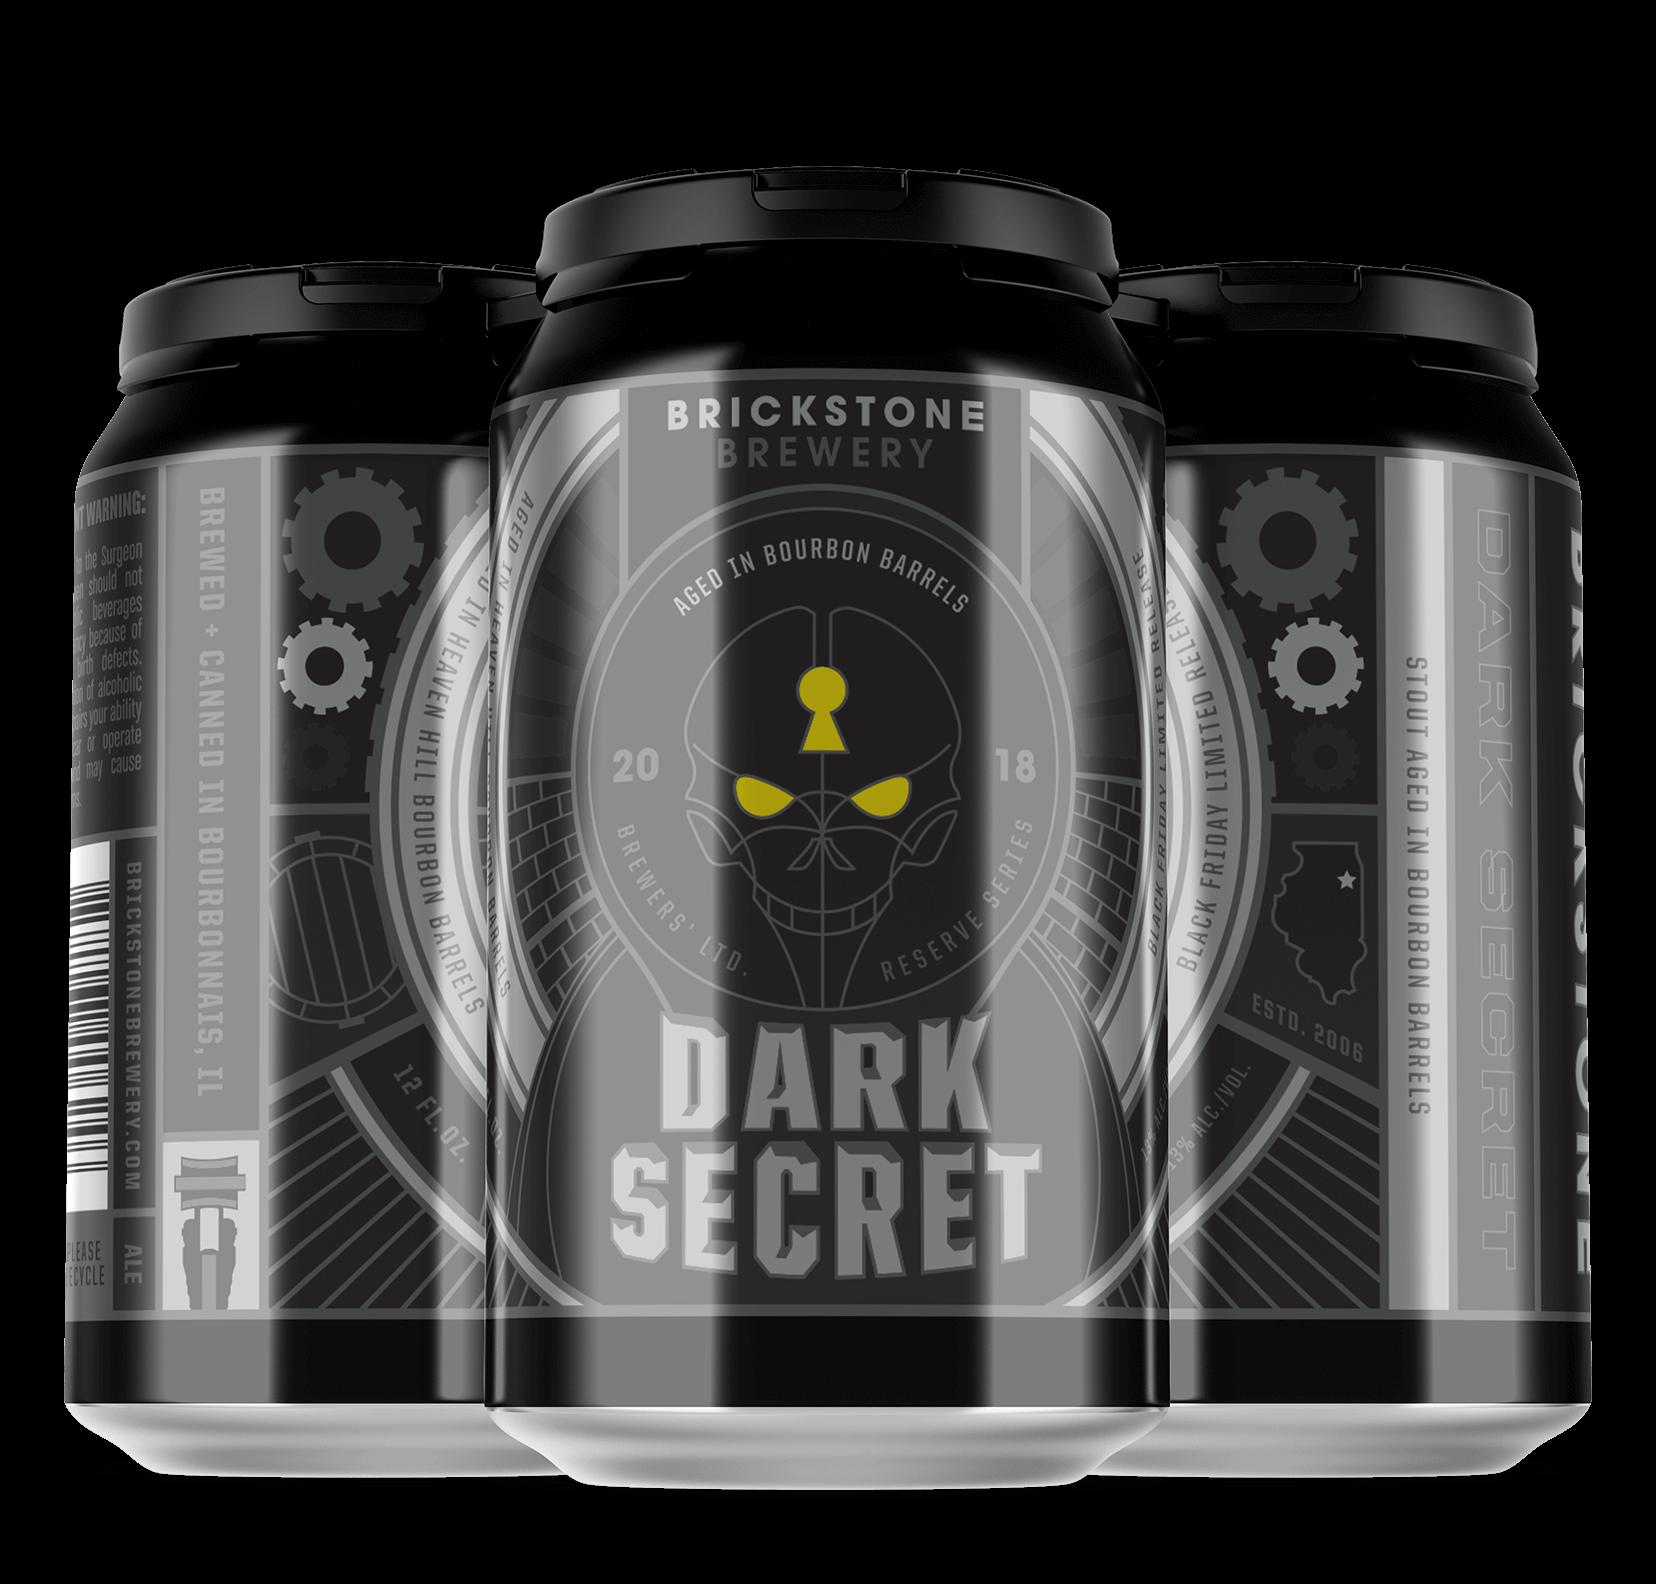 DarkSecret-CanMock.png